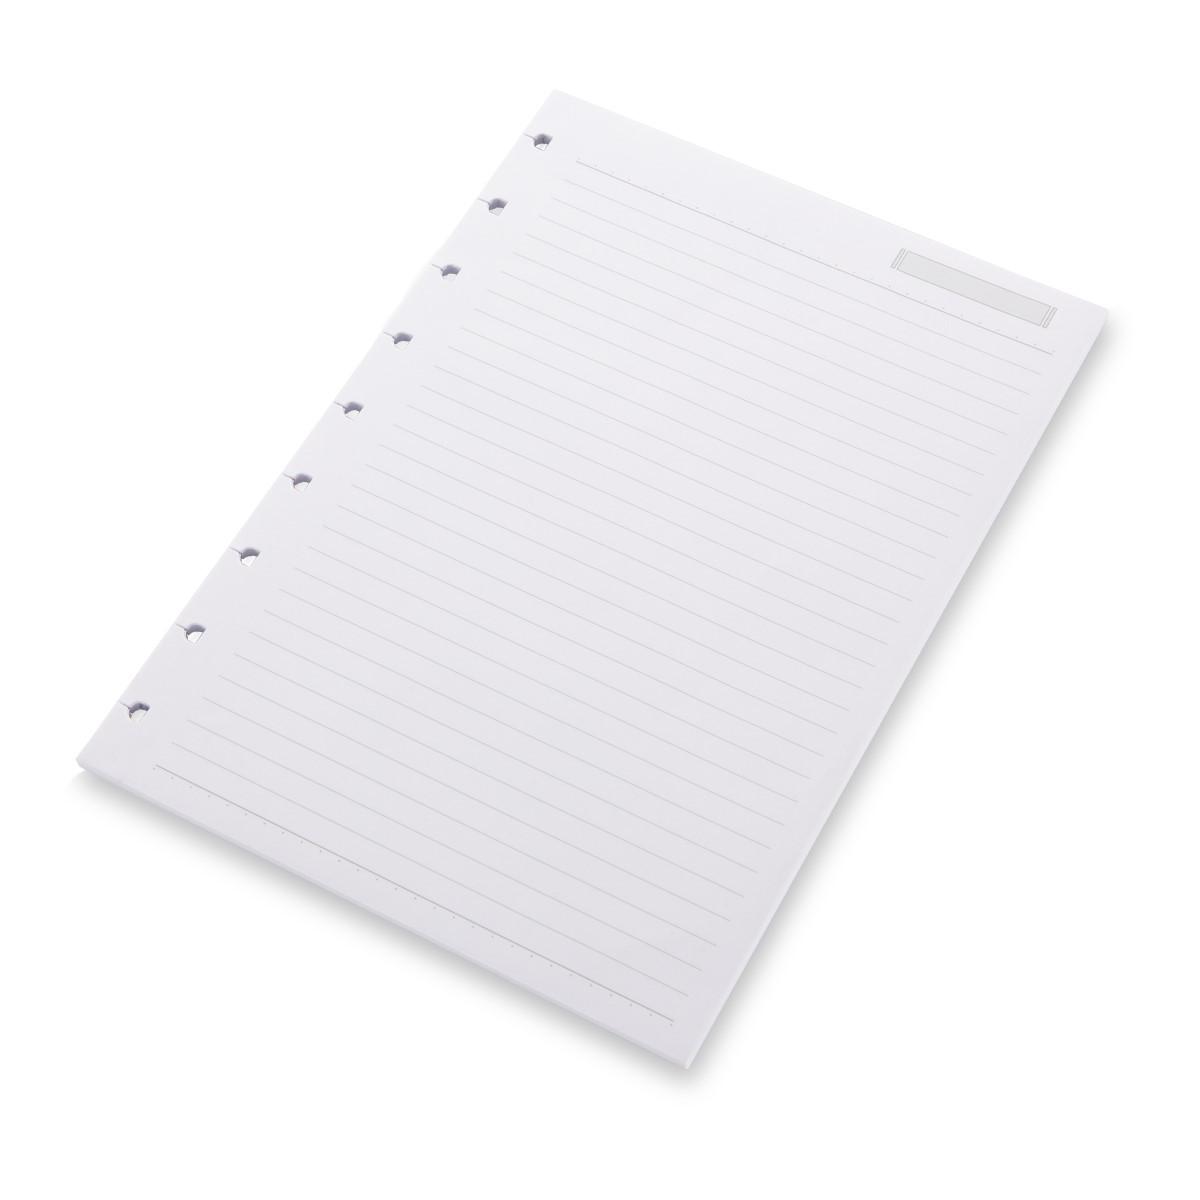 Refil Caderno System Flex Pautado